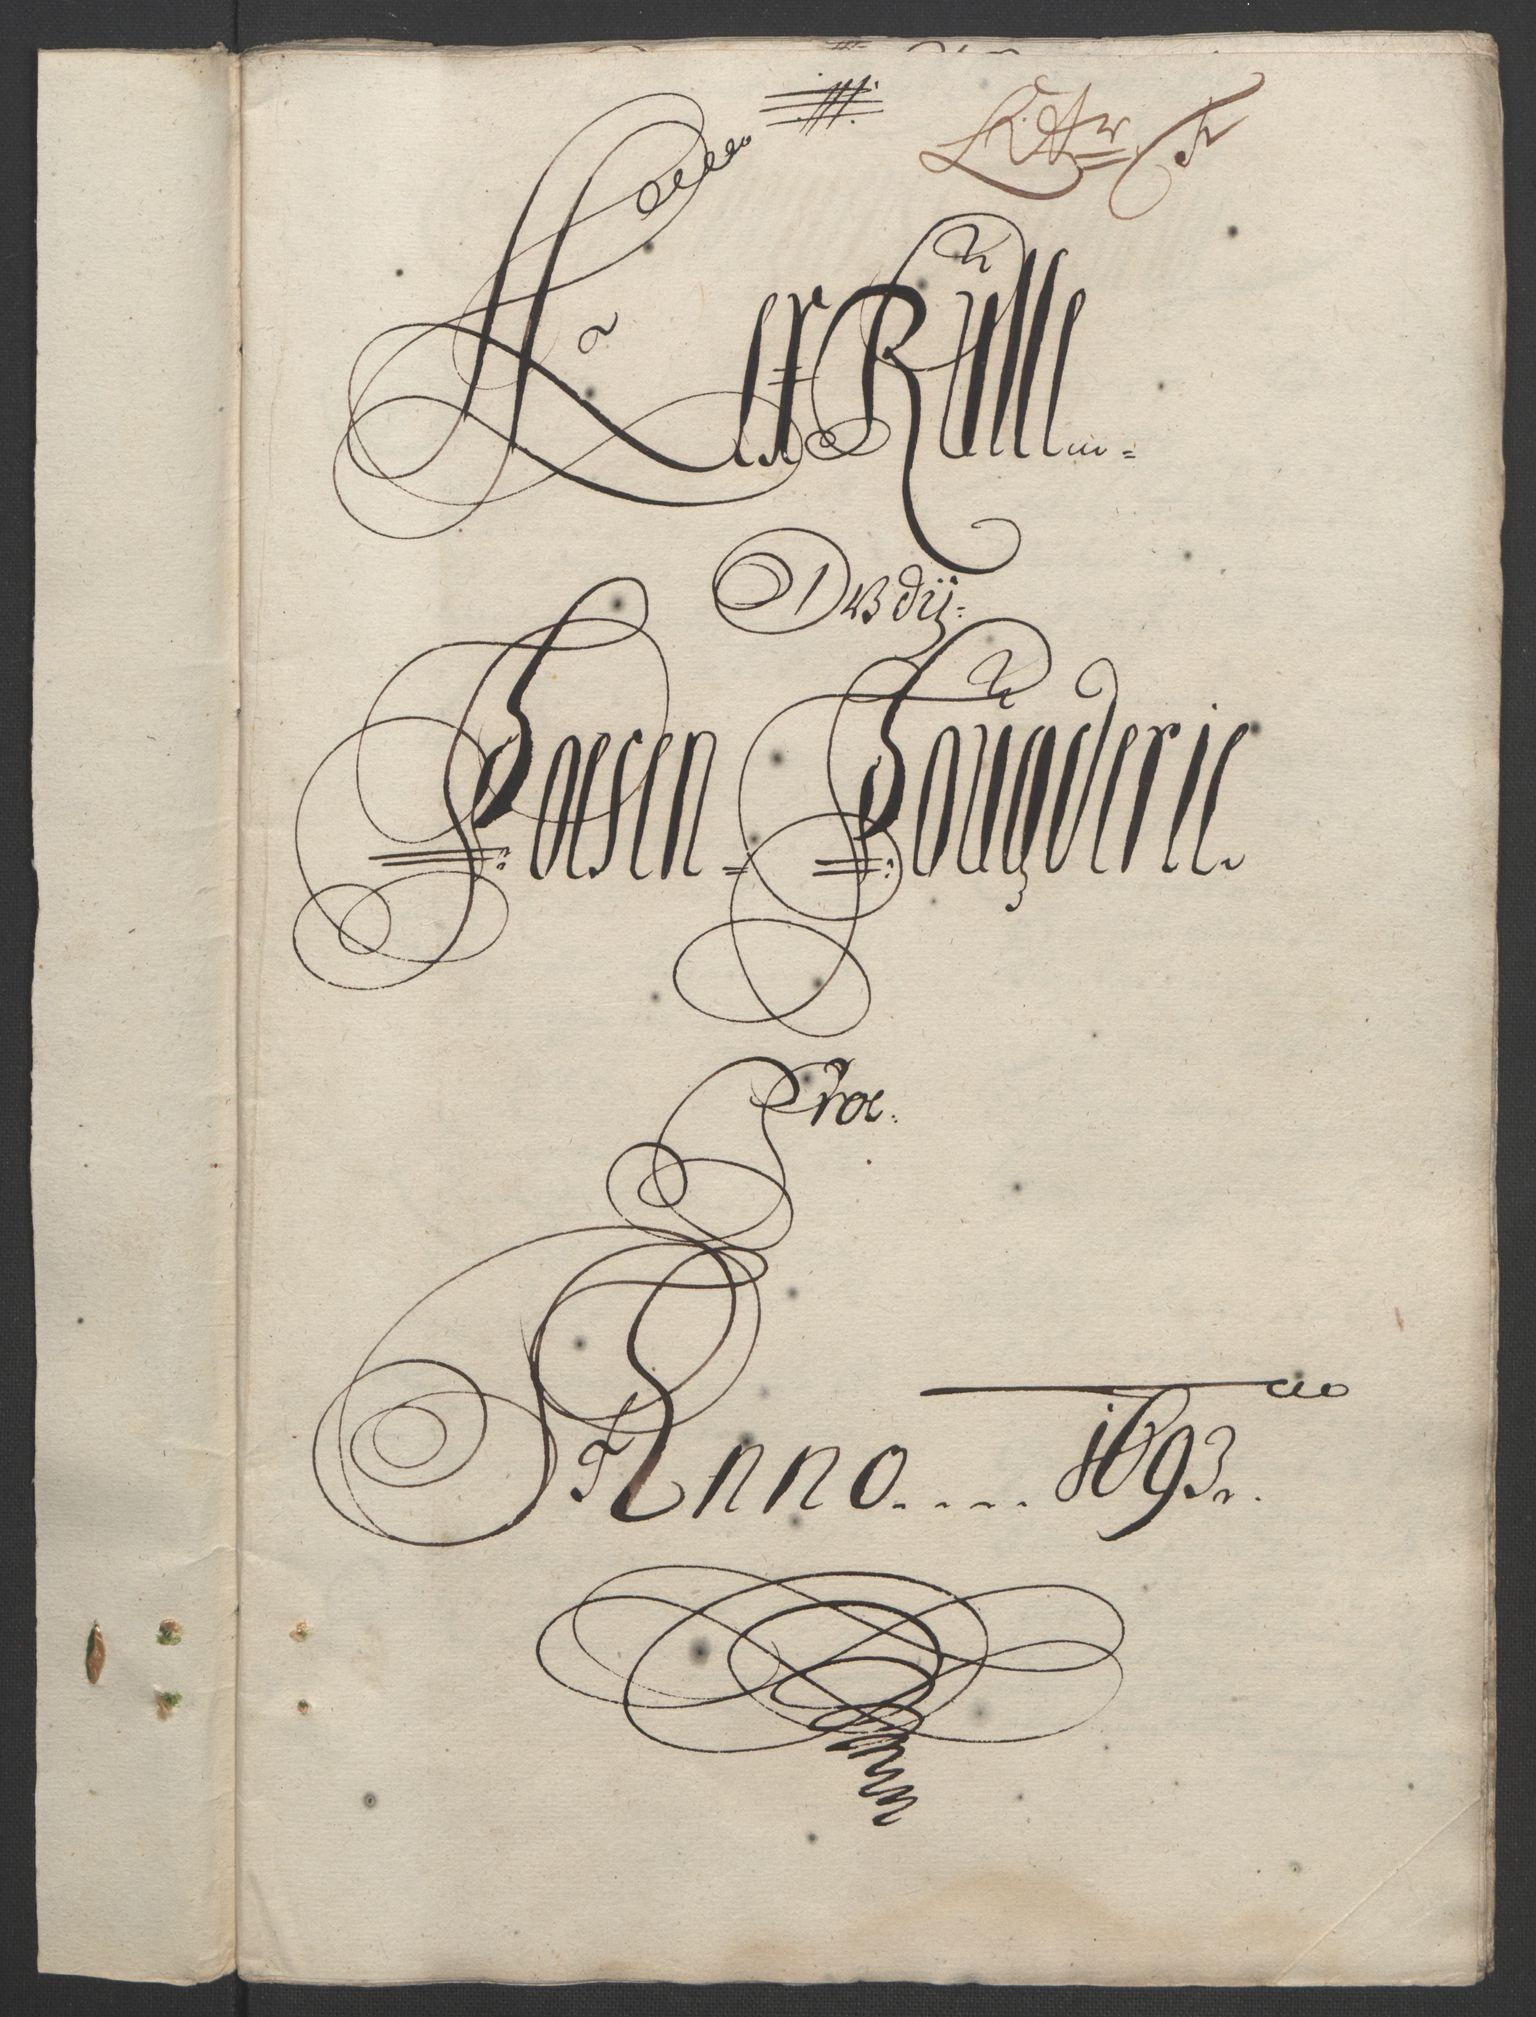 RA, Rentekammeret inntil 1814, Reviderte regnskaper, Fogderegnskap, R57/L3849: Fogderegnskap Fosen, 1692-1693, s. 472